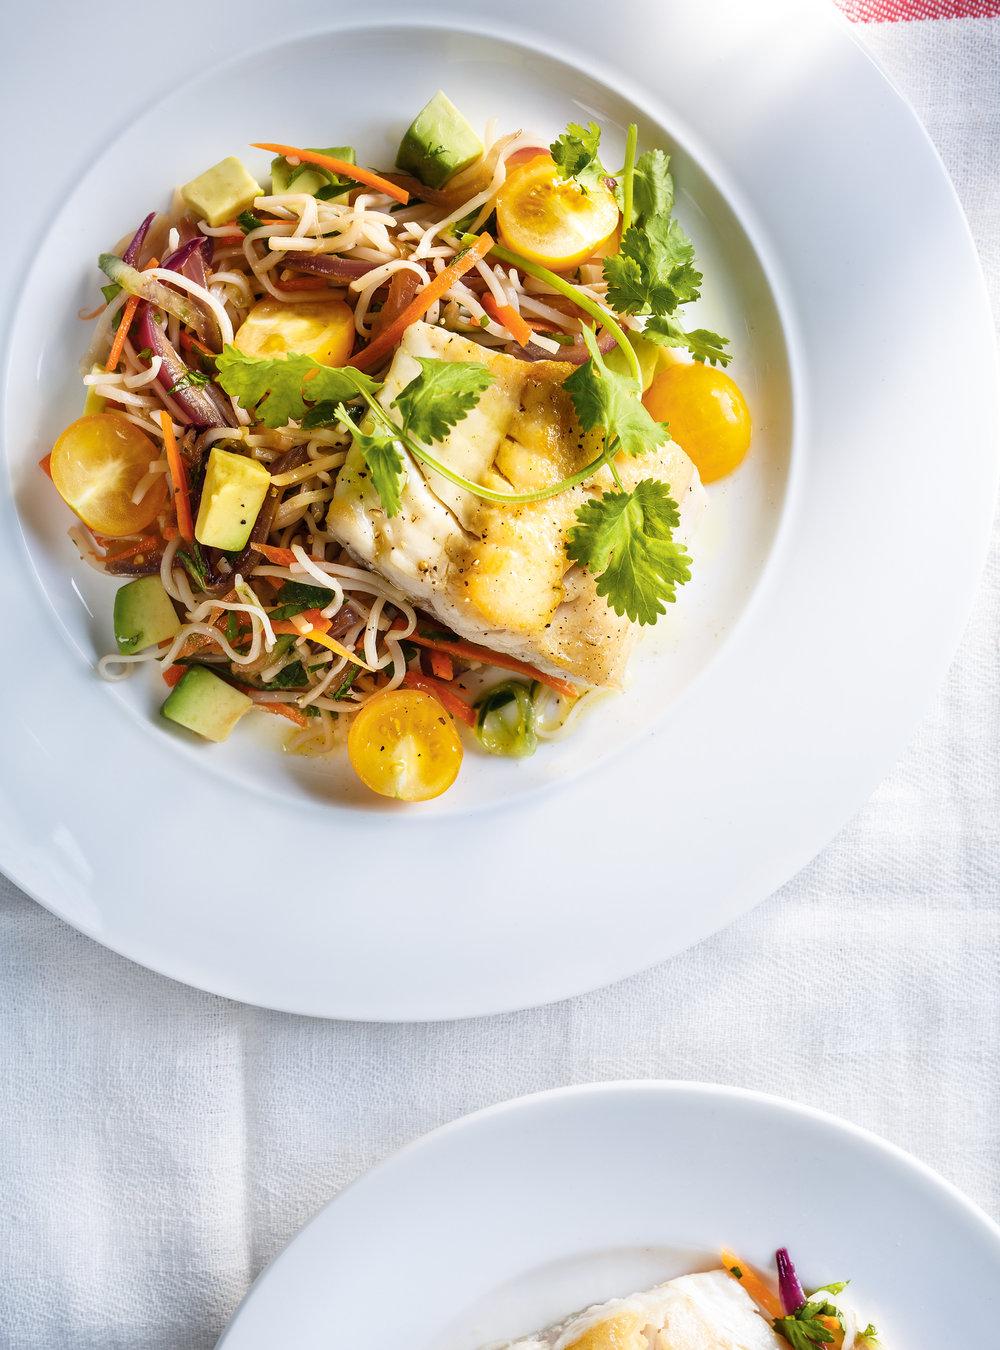 Poisson grill et vermicelles aux l gumes ricardo for Salade pour accompagner poisson